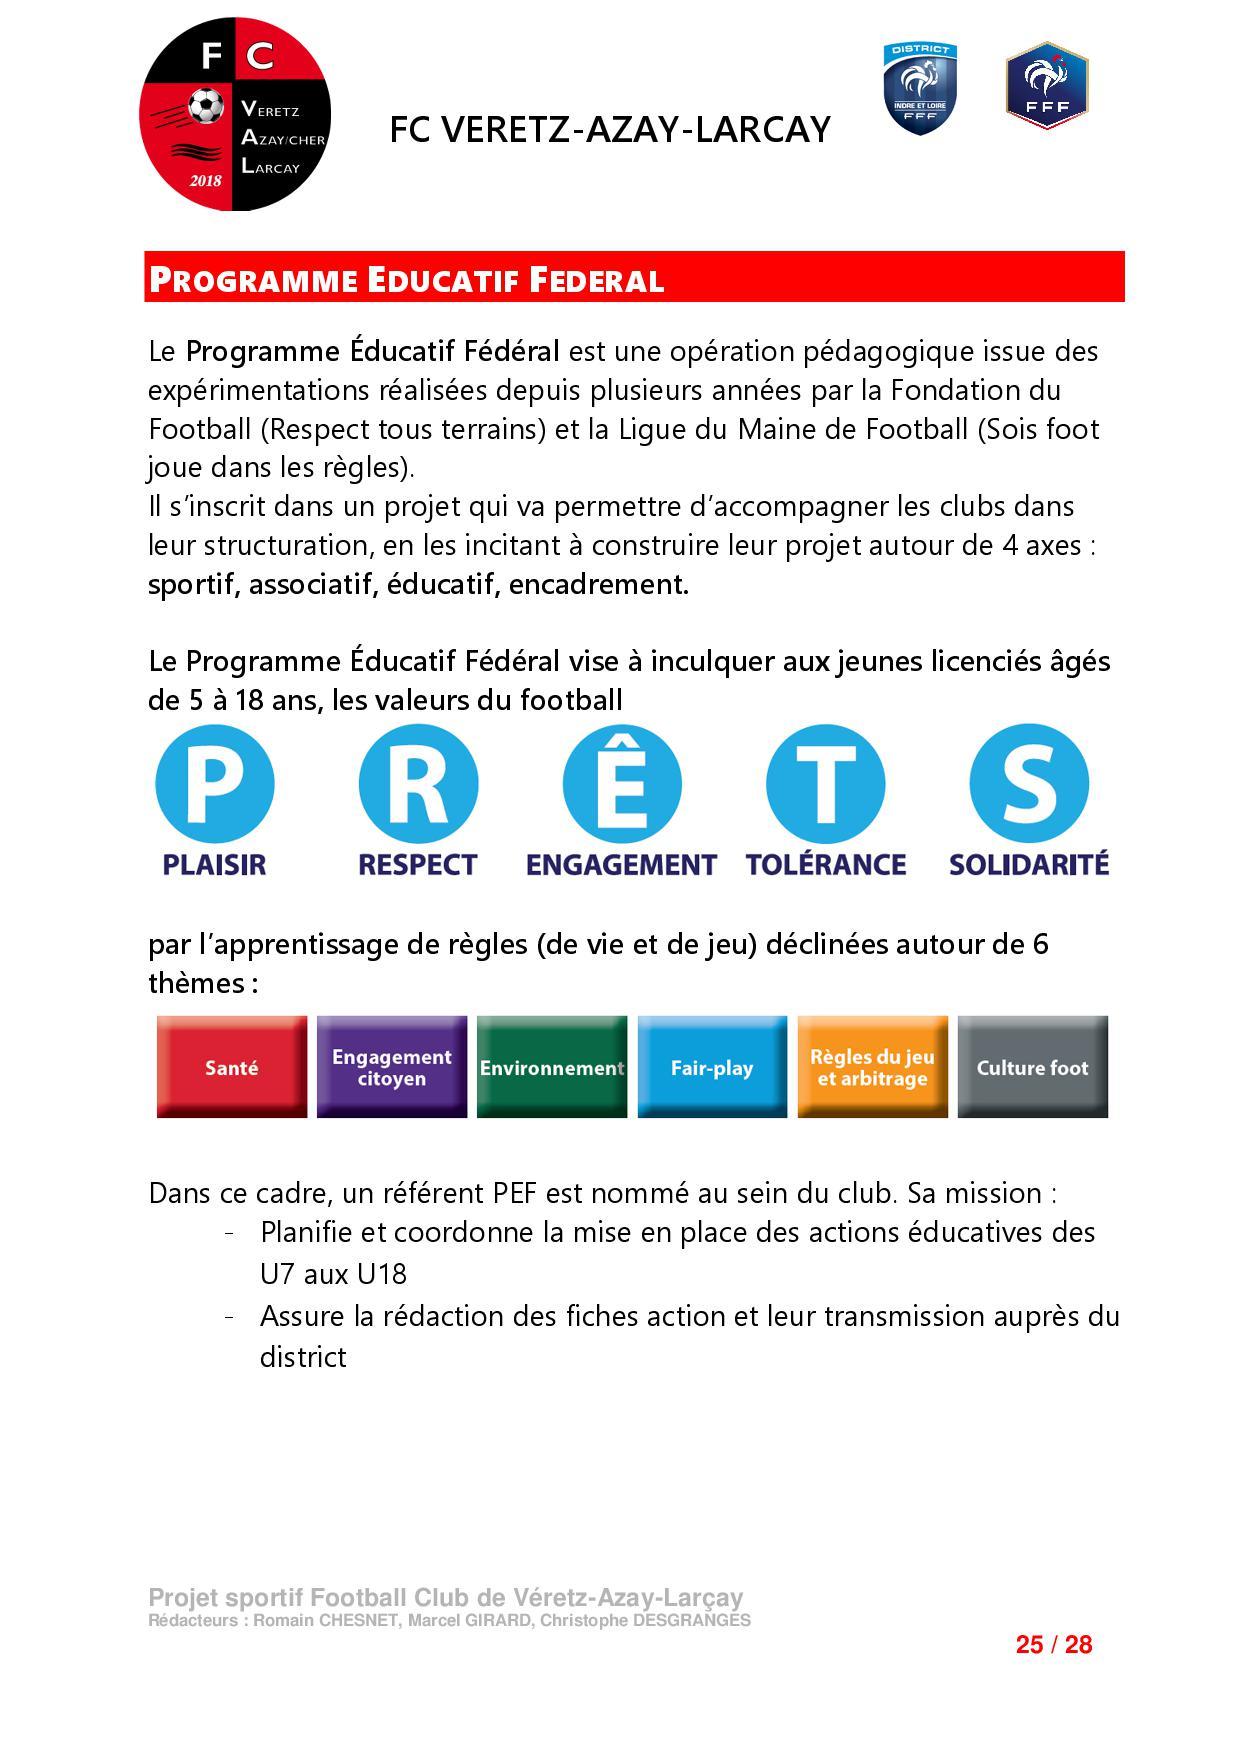 projet_sportif_2017-202025.jpg